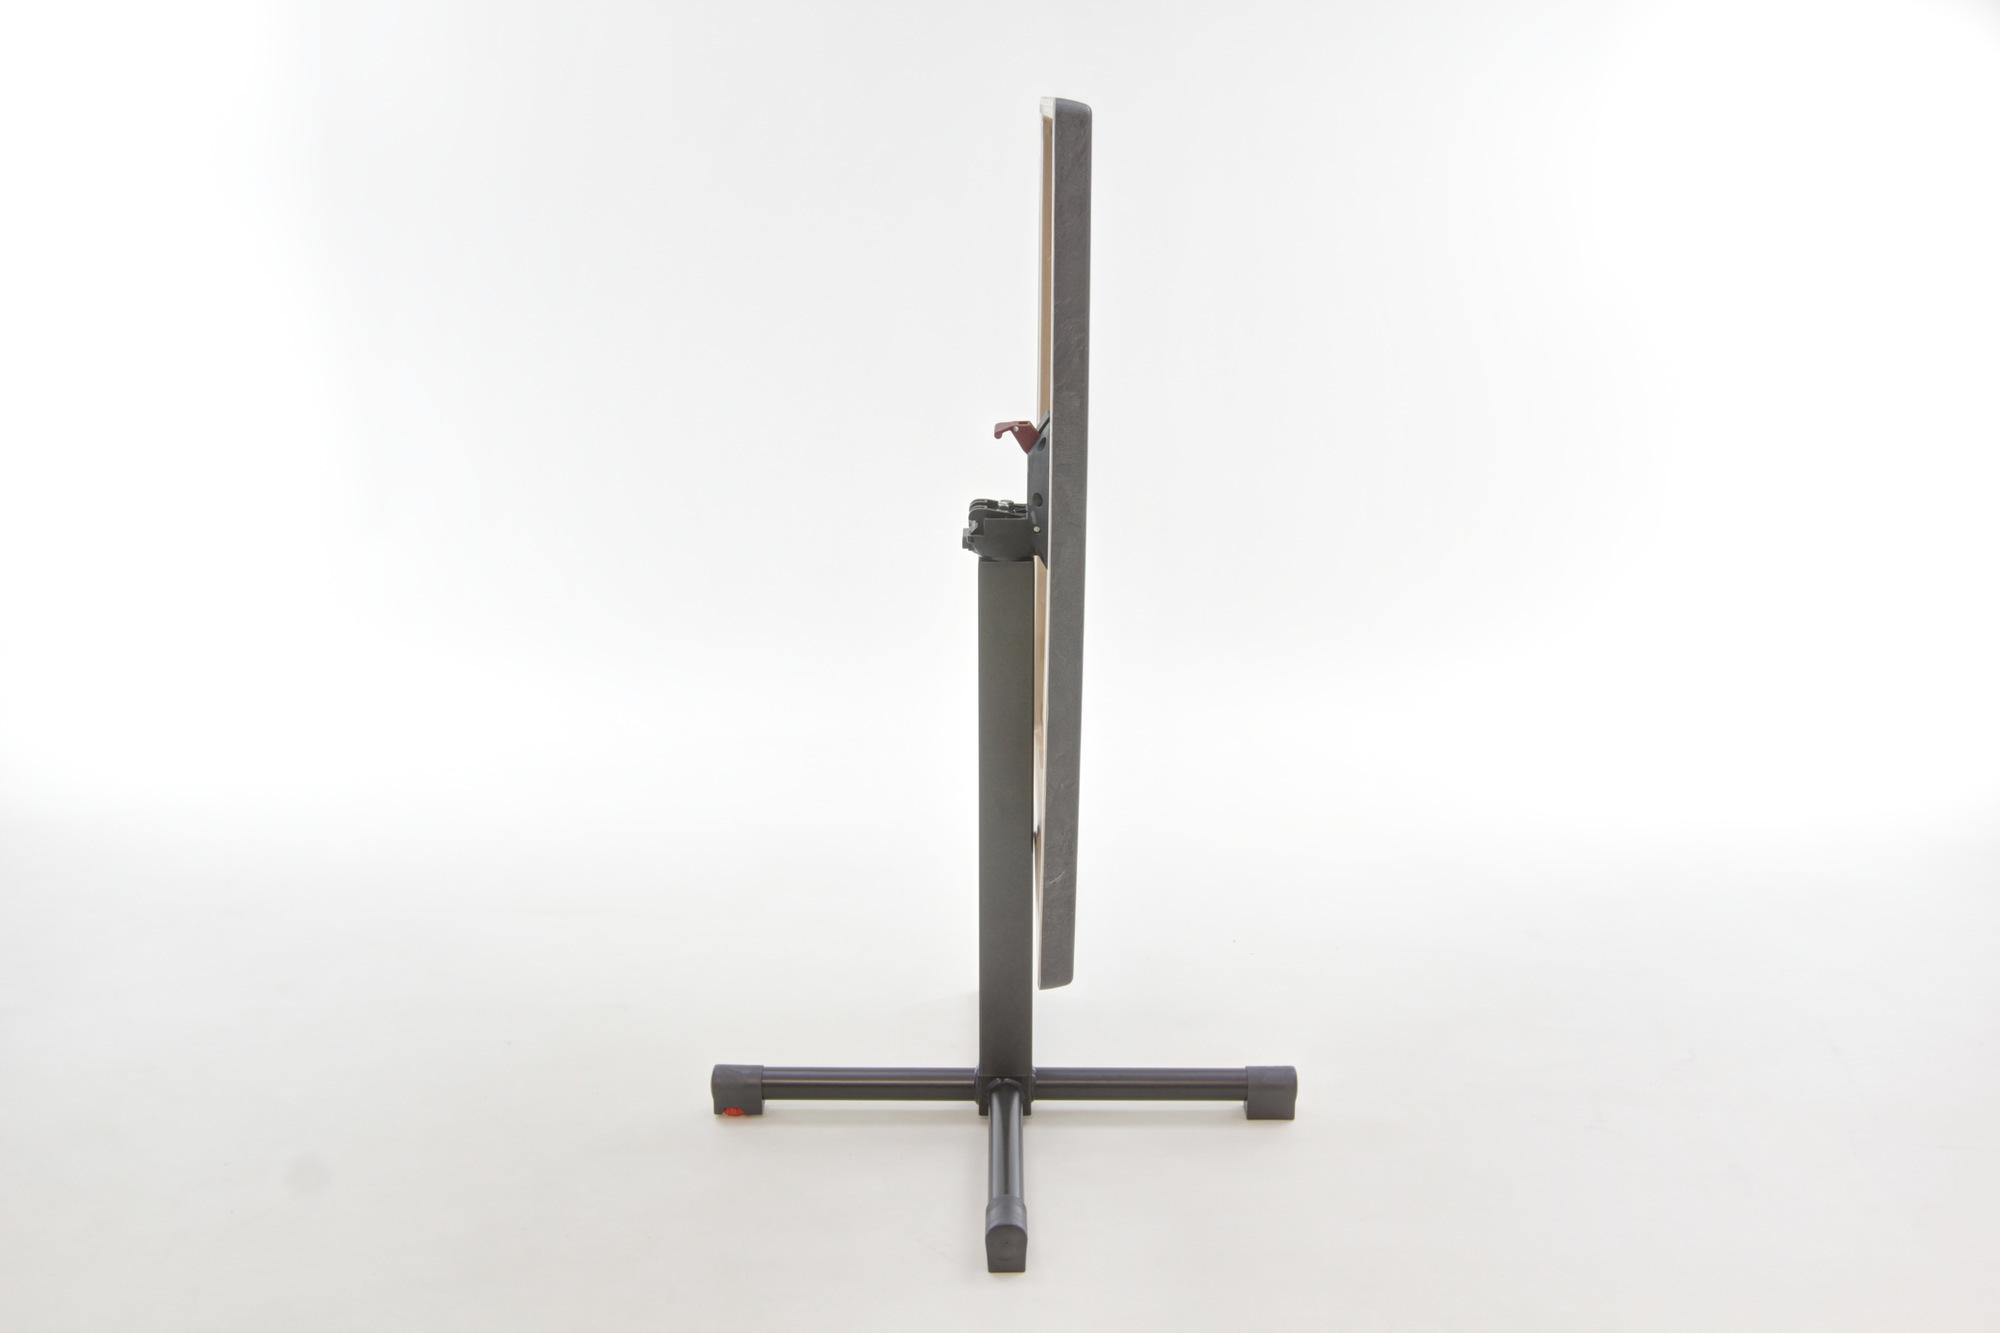 1547120819-gartenmoebel-80x80cm-gastrotisch-amrum_1.jpg